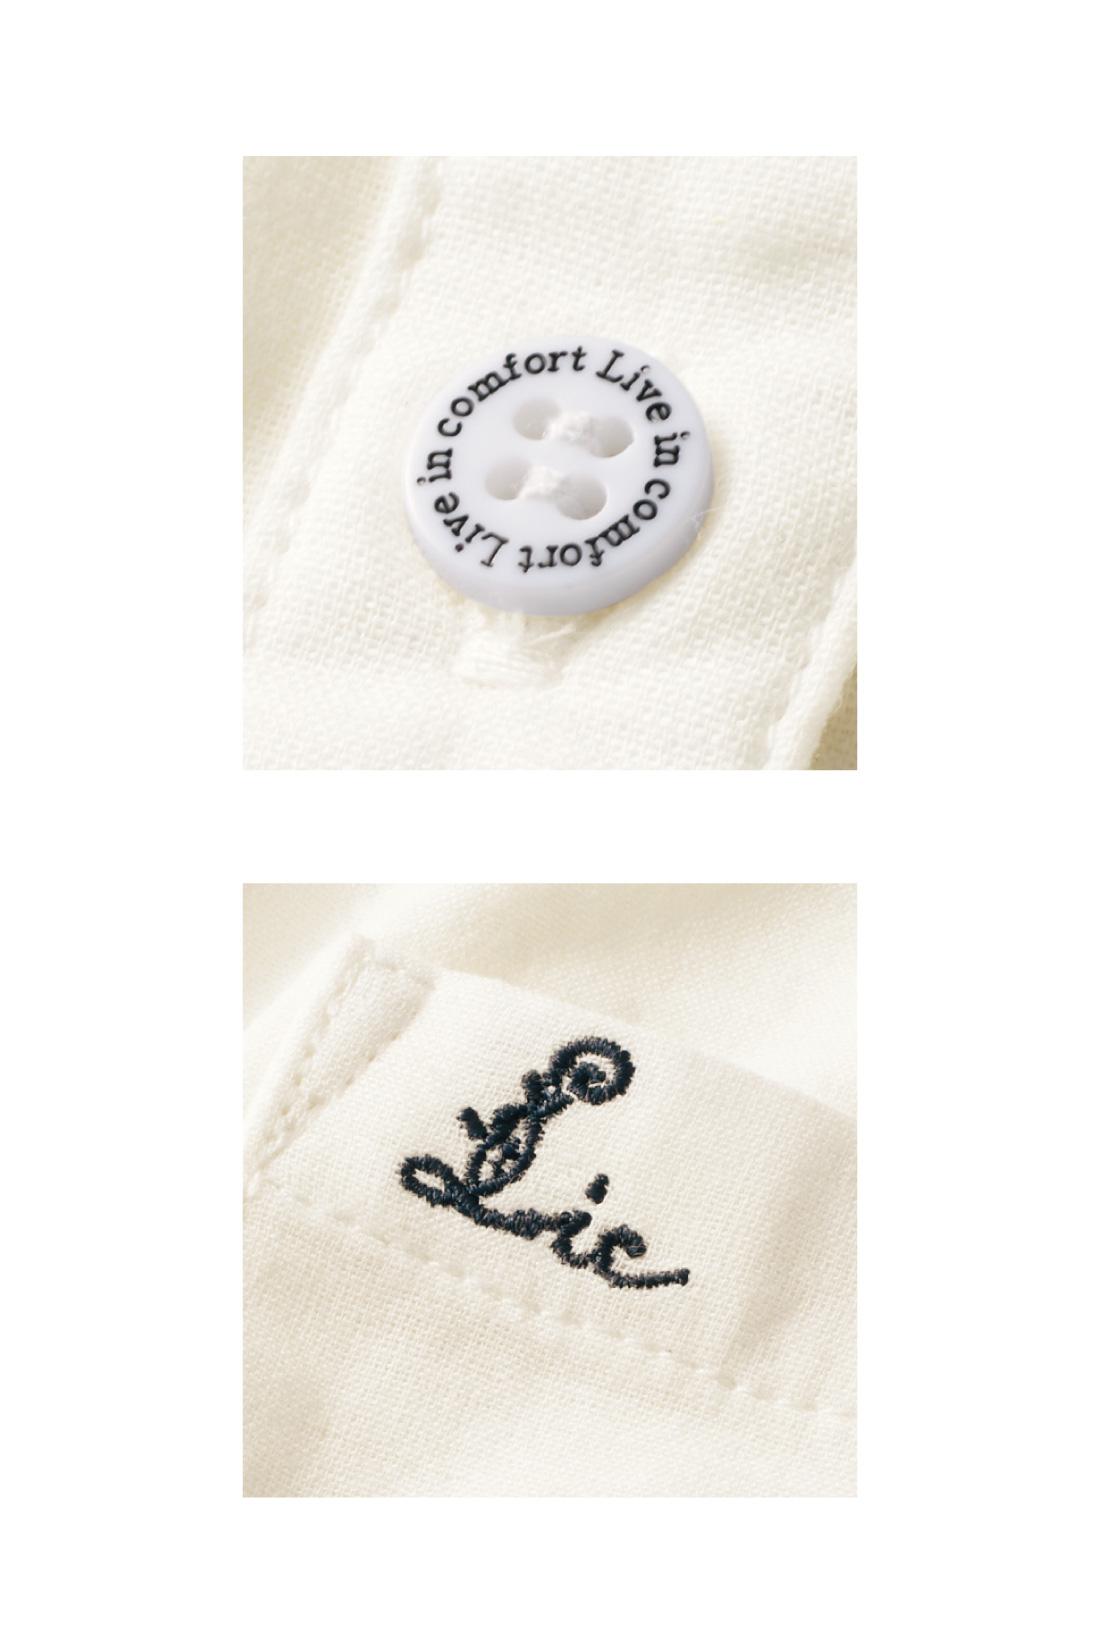 ロゴを刻印したオリジナルボタンでこっそりかわいく。ポケットの刺しゅうが大人っぽくおしゃれな印象です。